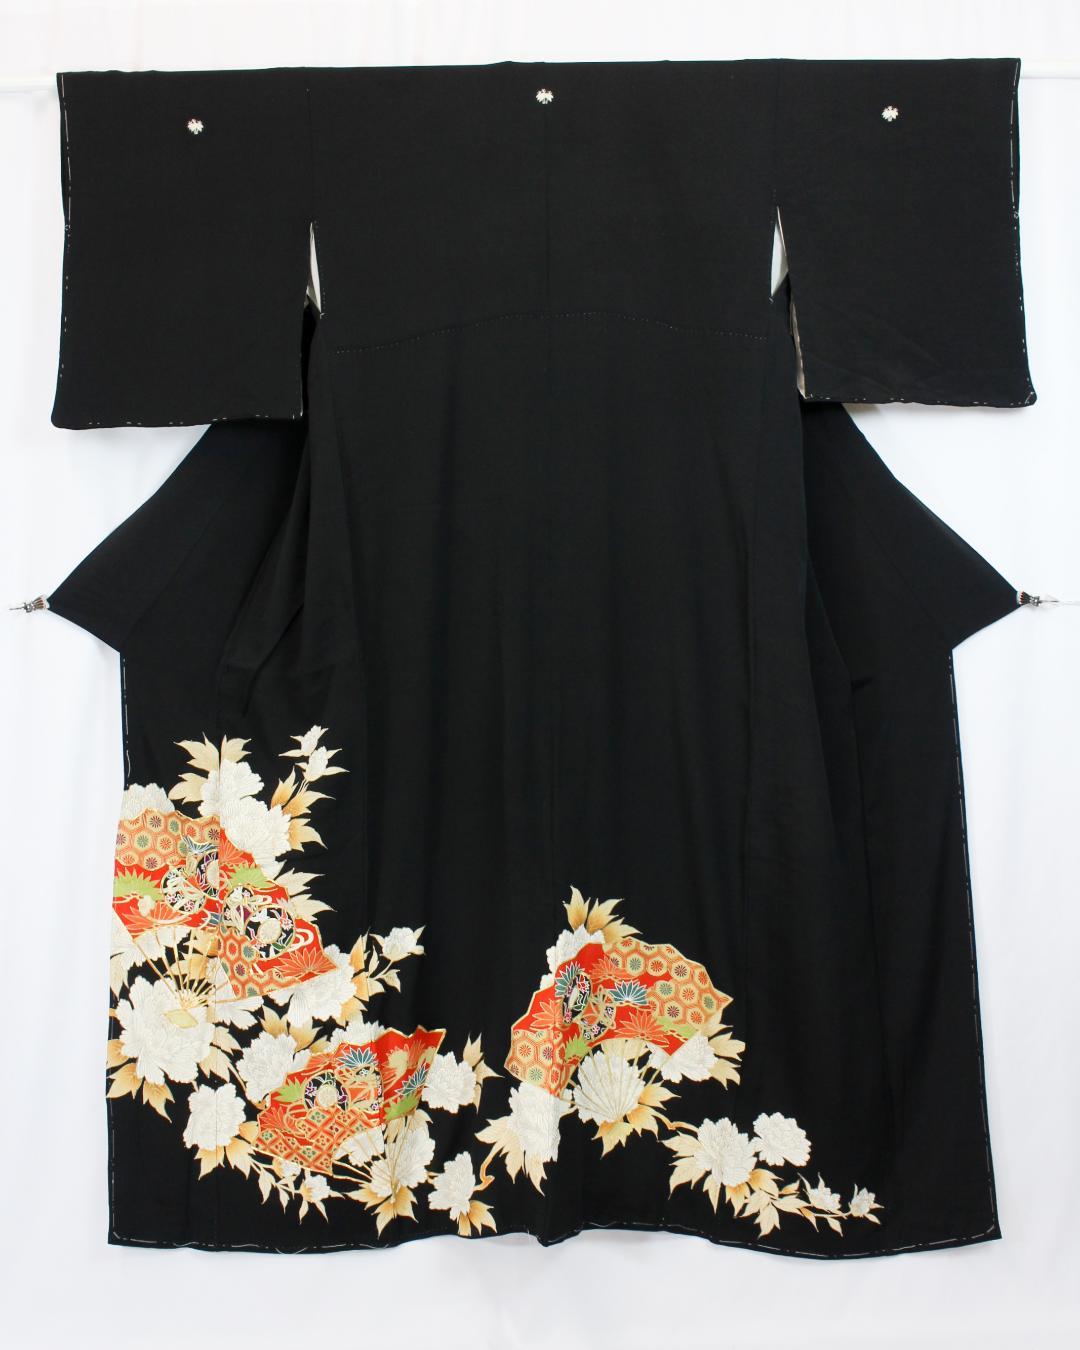 【古着物】扇牡丹柄黒留袖画像